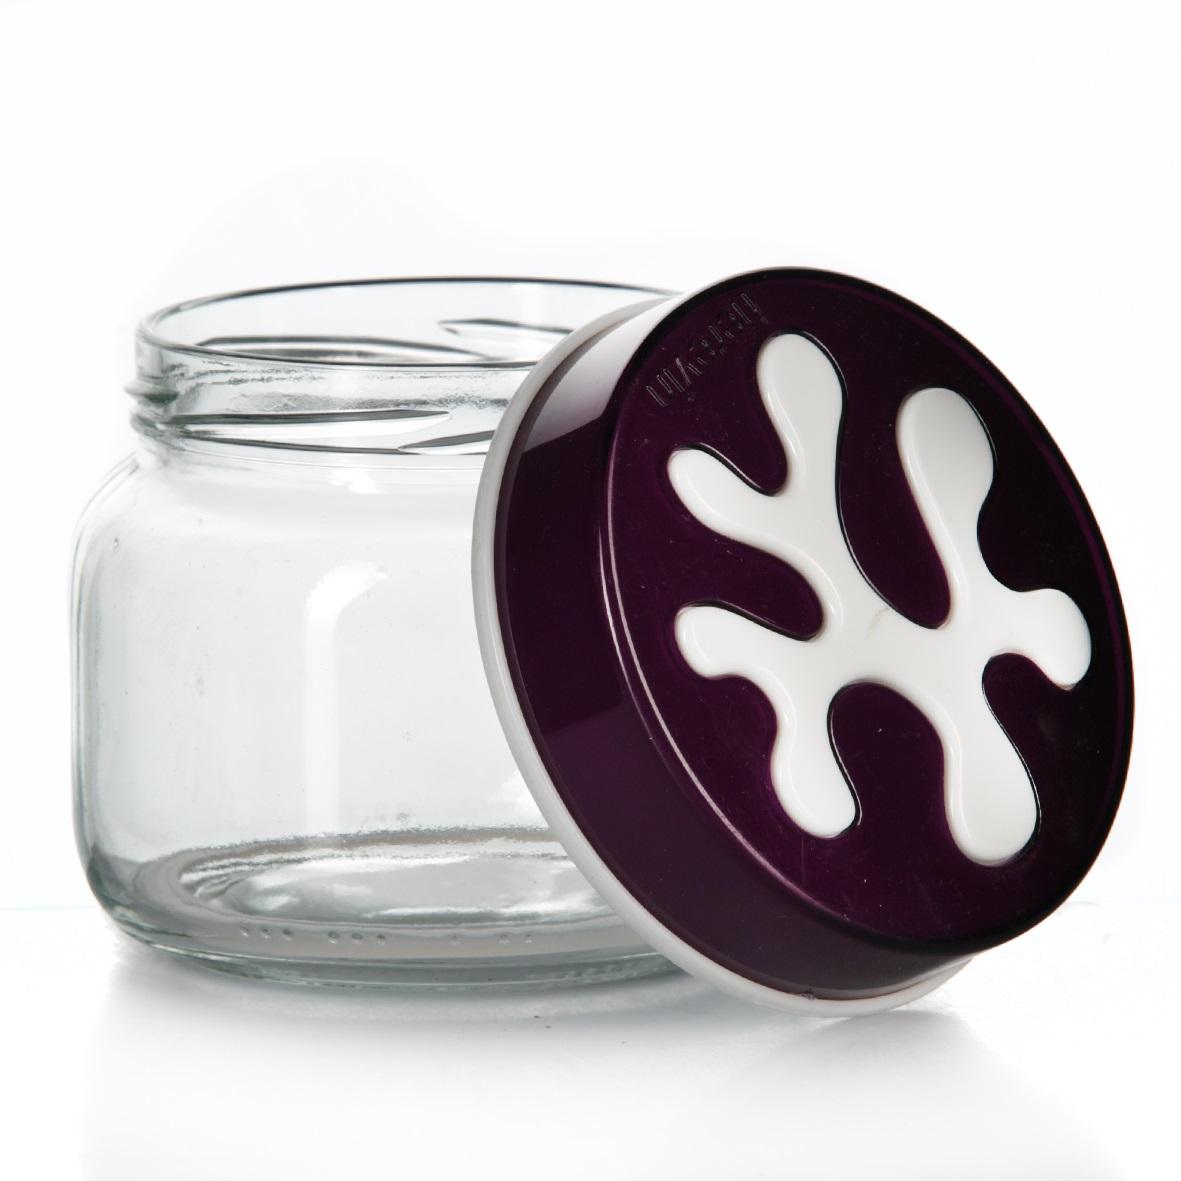 Банка для сыпучих продуктов Herevin, цвет: фиолетовый, 400 мл. 135357-0034630003364517Банка для сыпучих продуктов Herevin изготовлена из прочного стекла и оснащена плотно закрывающейся пластиковой крышкой. Благодаря этому внутри сохраняется герметичность, и продукты дольше остаются свежими. Изделие предназначено для хранения различных сыпучих продуктов: круп, чая, сахара, орехов и т.д. Функциональная и вместительная, такая банка станет незаменимым аксессуаром на любой кухне. Можно мыть в посудомоечной машине. Пластиковые части рекомендуется мыть вручную.Объем: 400 мл.Диаметр (по верхнему краю): 7,5 см.Высота банки (без учета крышки): 8 см.